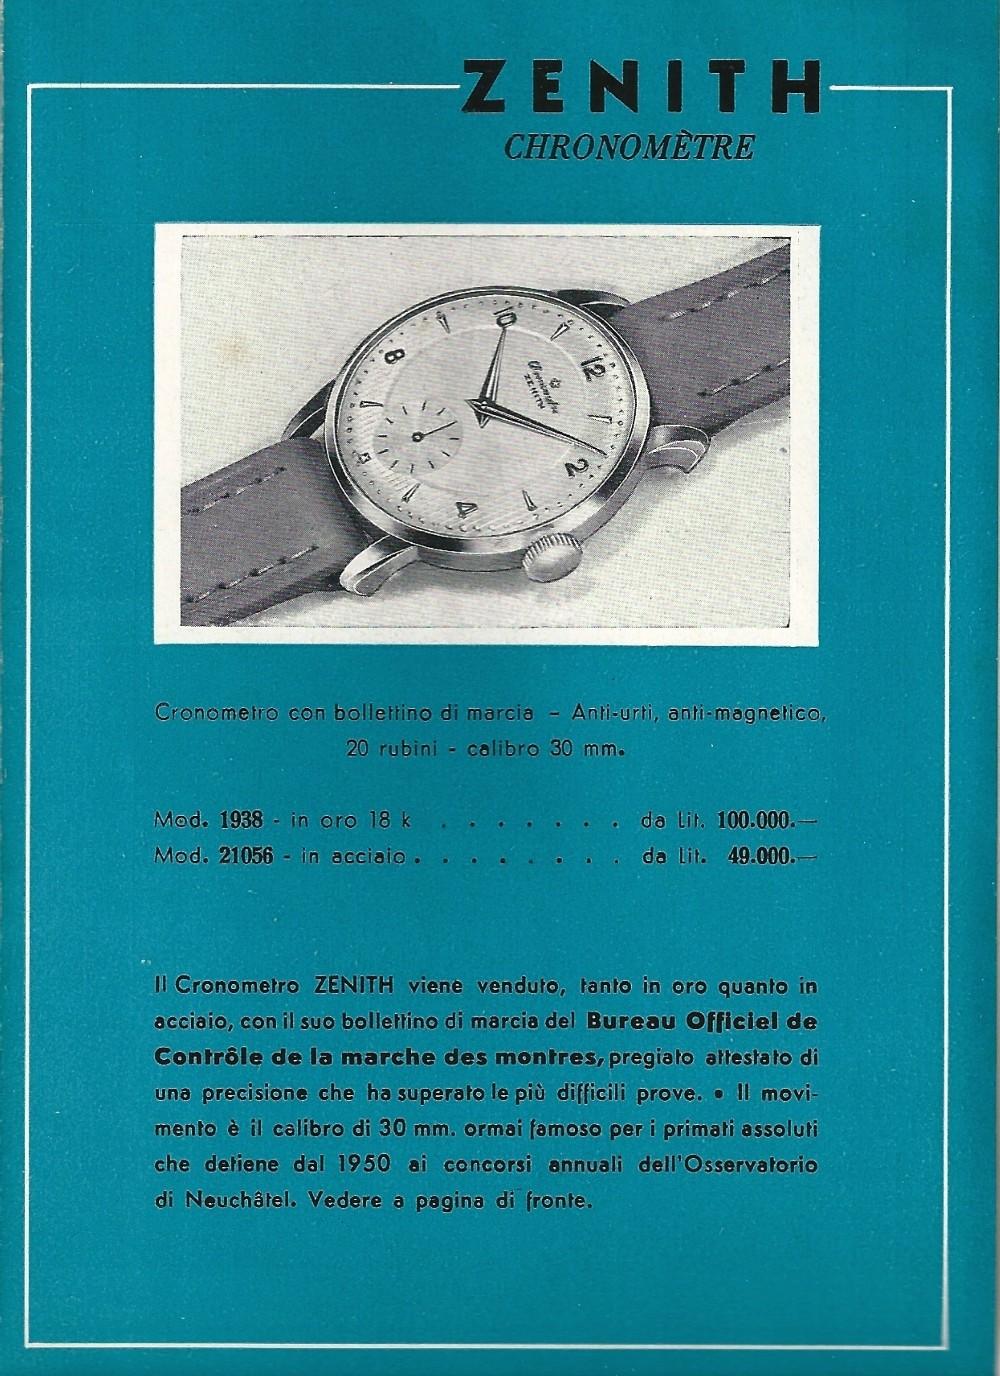 zenith calibre 135 chronometer - 1